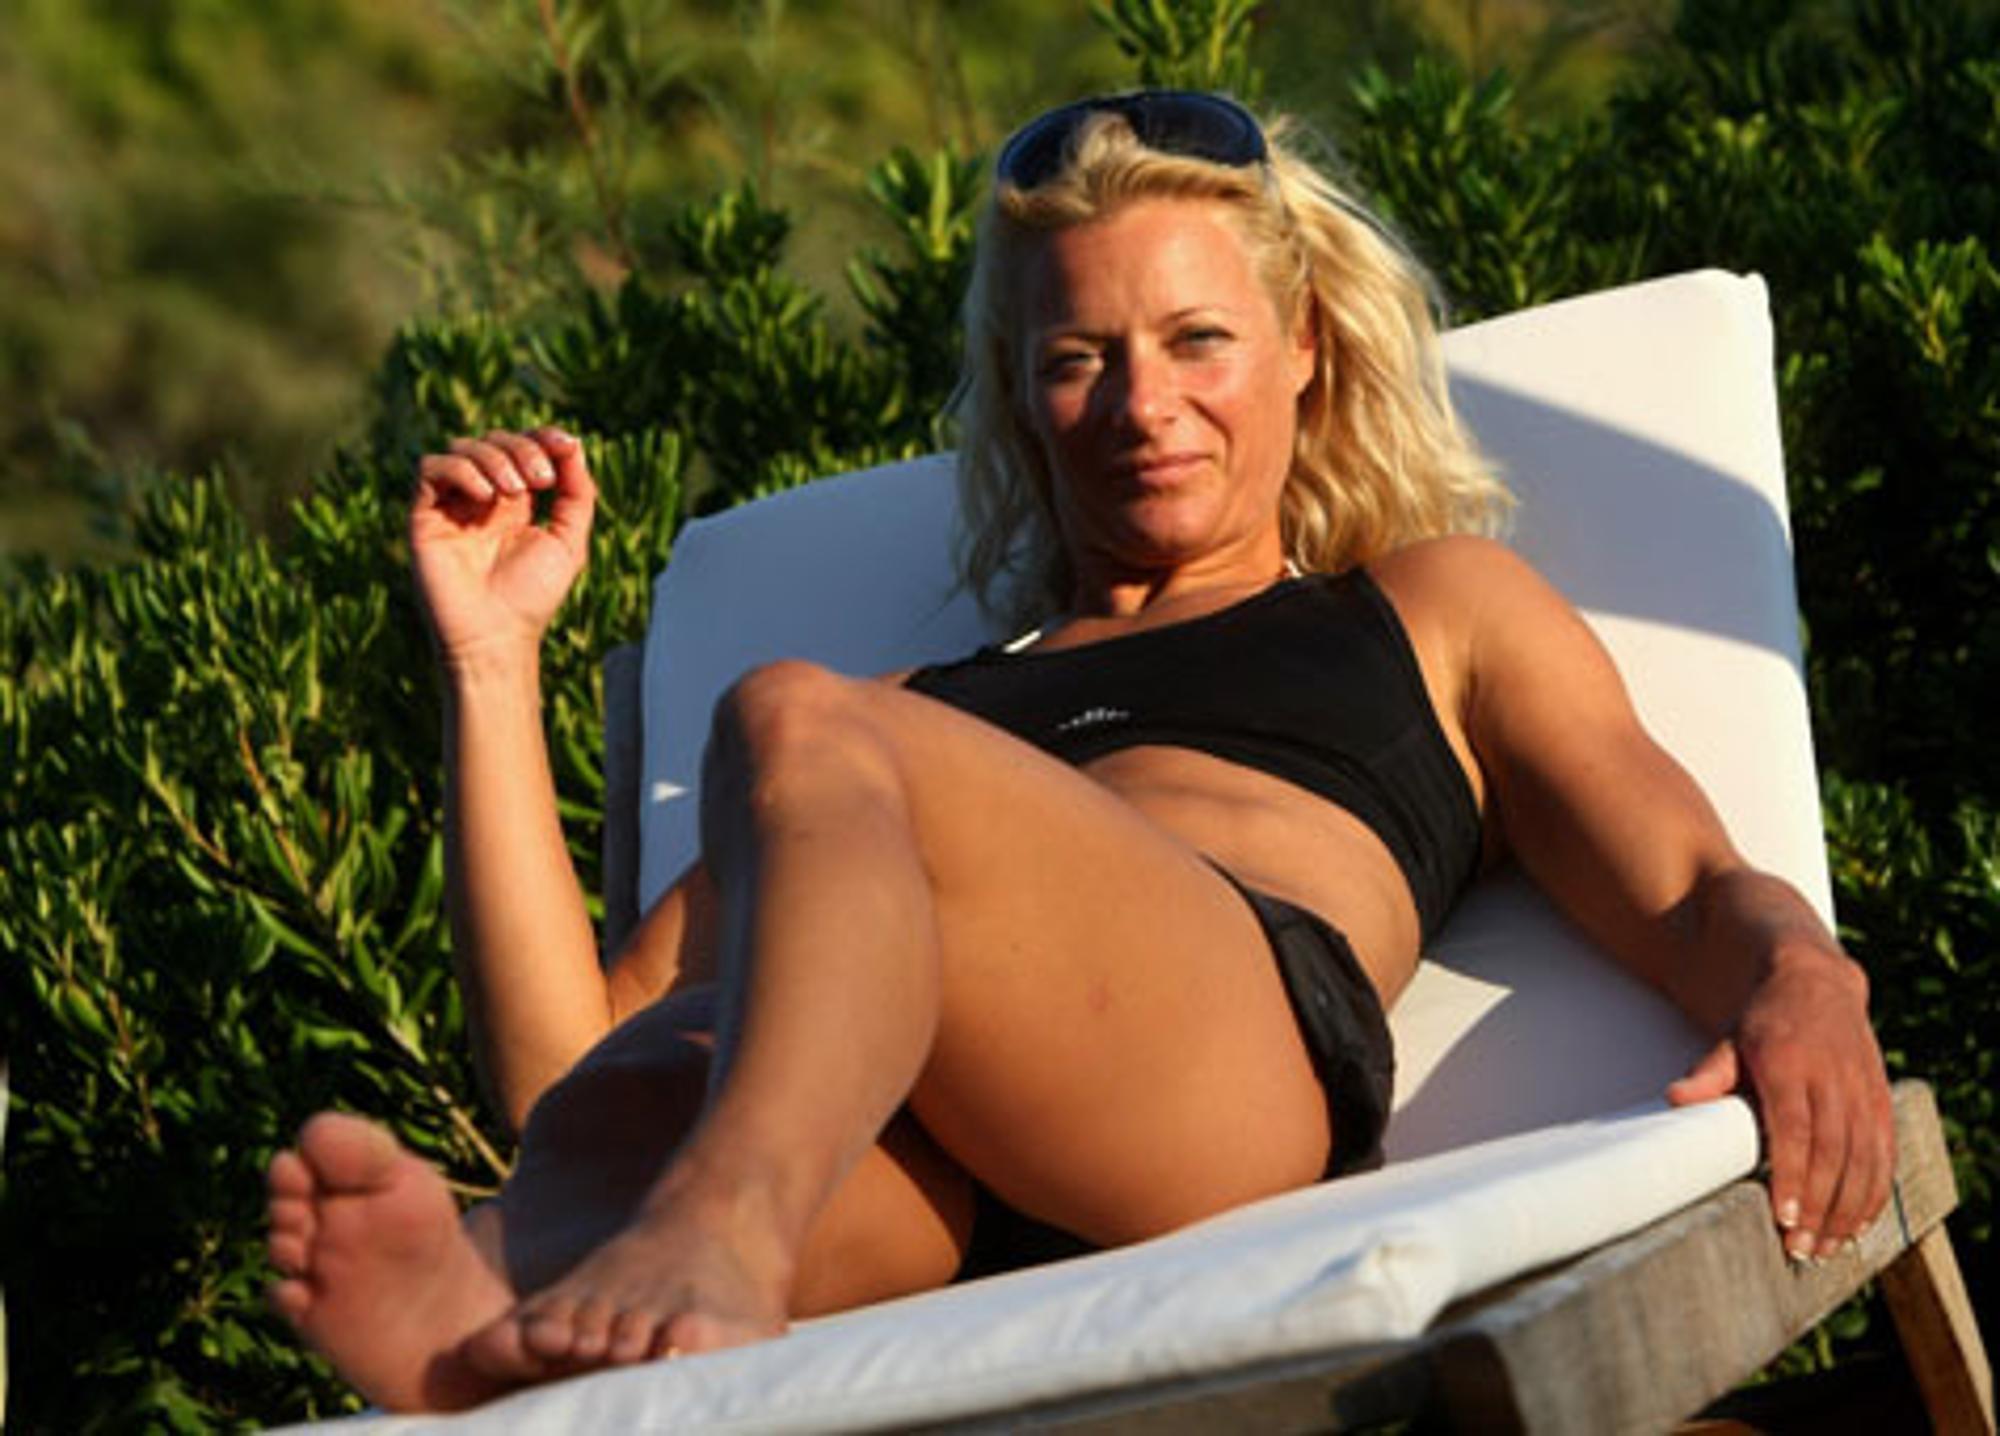 Brooke marie nude